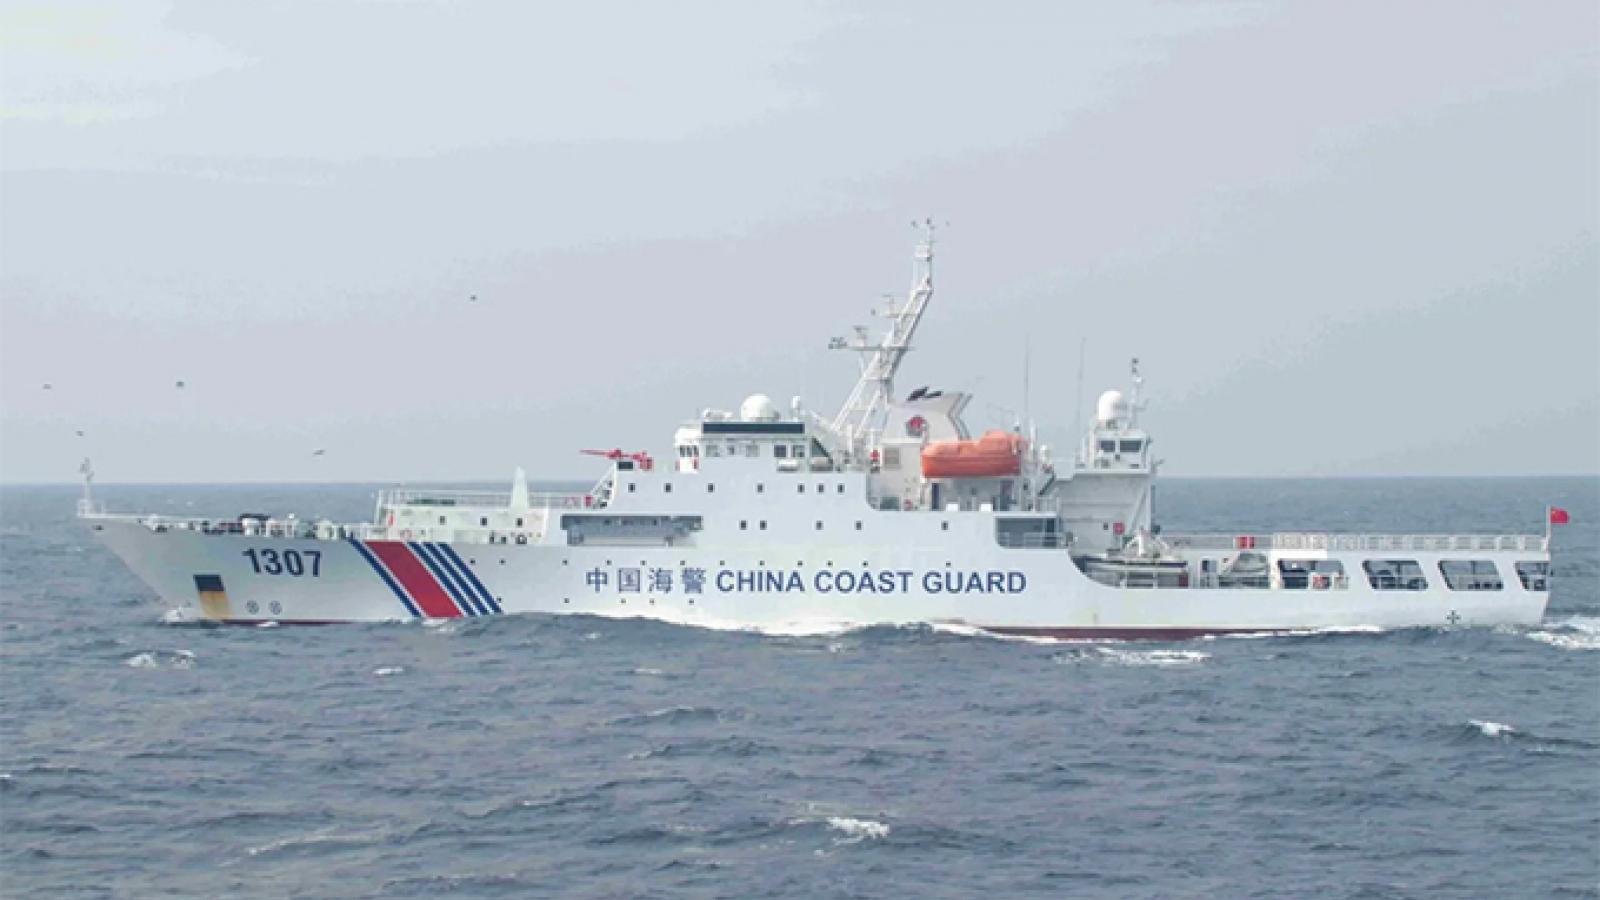 Luật Hải cảnh của Trung Quốc có hiệu lực, nhiều nước phản đối mạnh mẽ